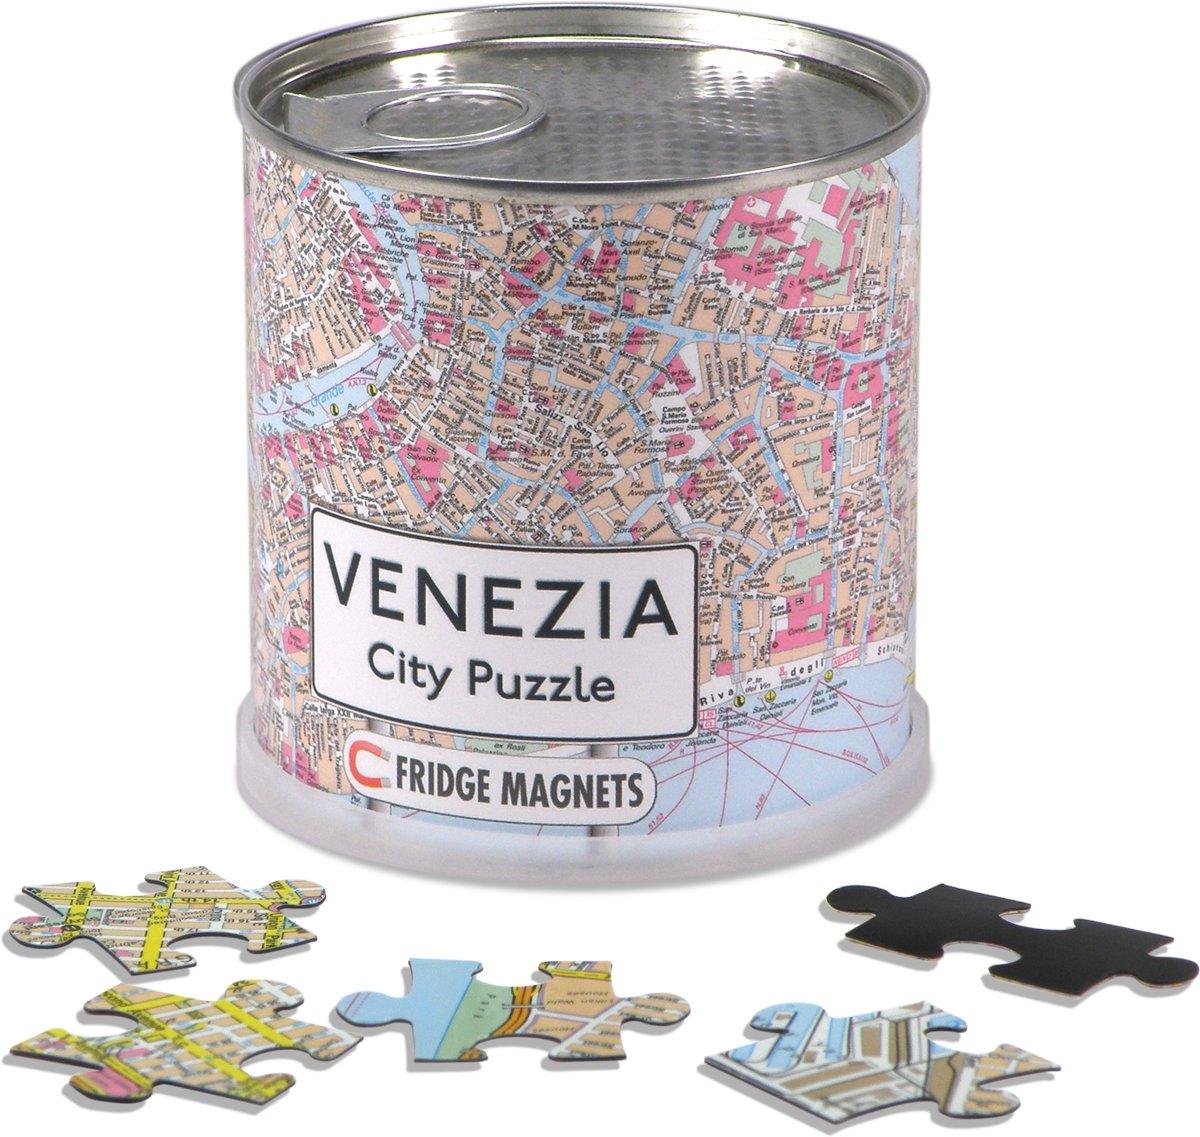 City Puzzle Venezia- Puzzel - Magnetisch - 100 puzzelstukjes